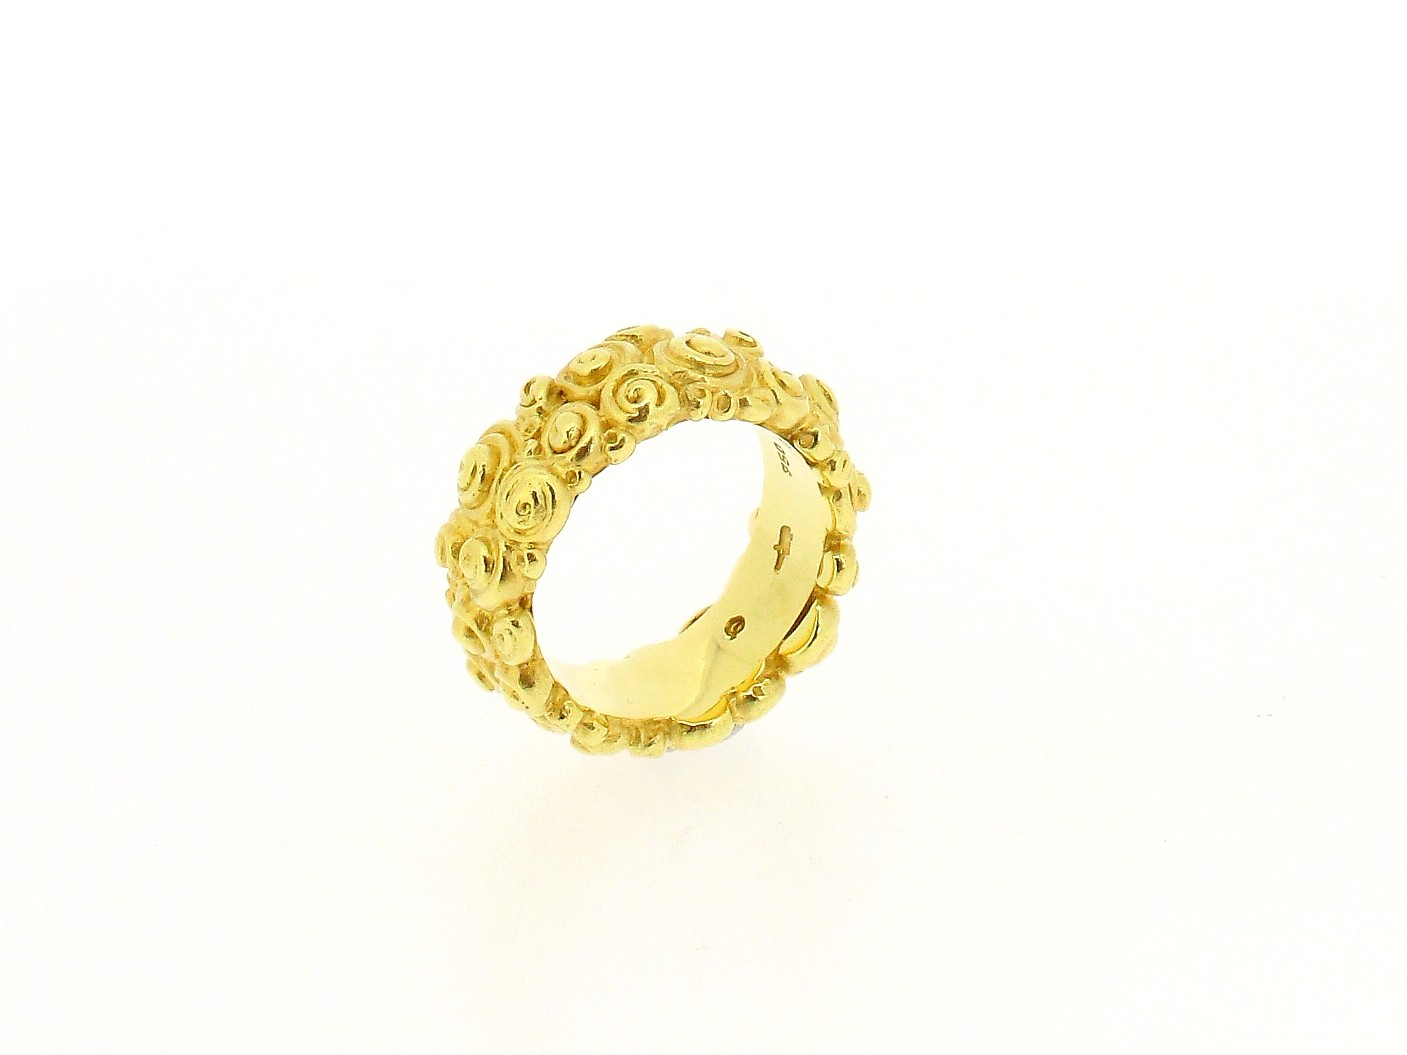 Ring Rosen 18ct Gelbgold - Individuelle Marken - 010602